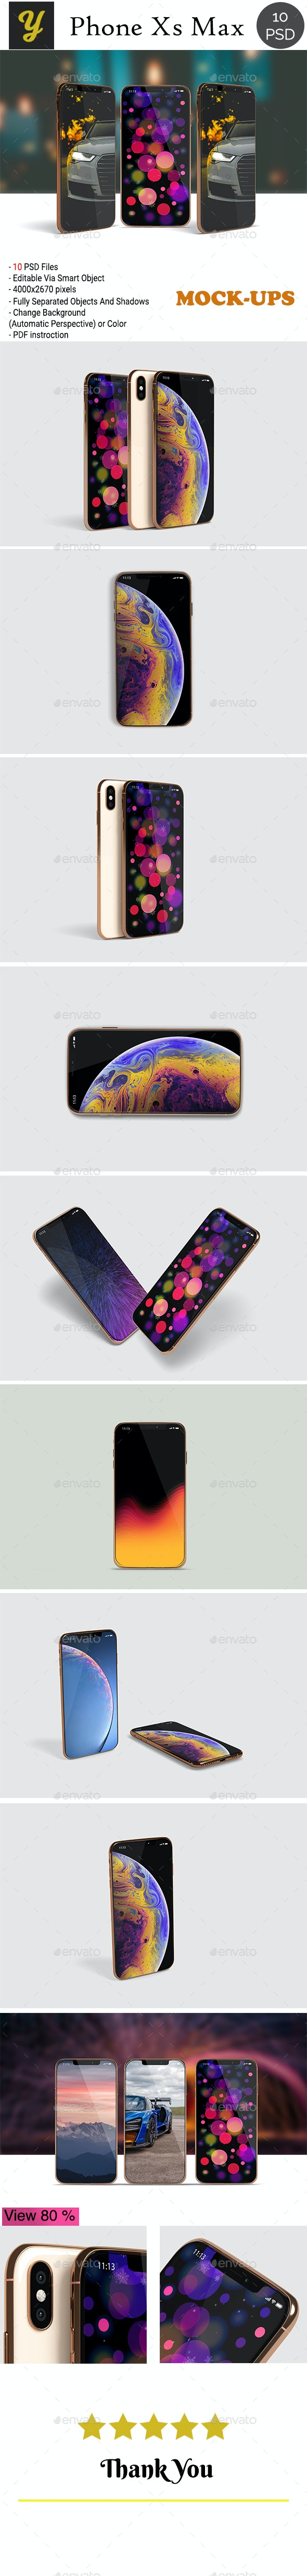 Phone XS  Max Mockup - Mobile Displays